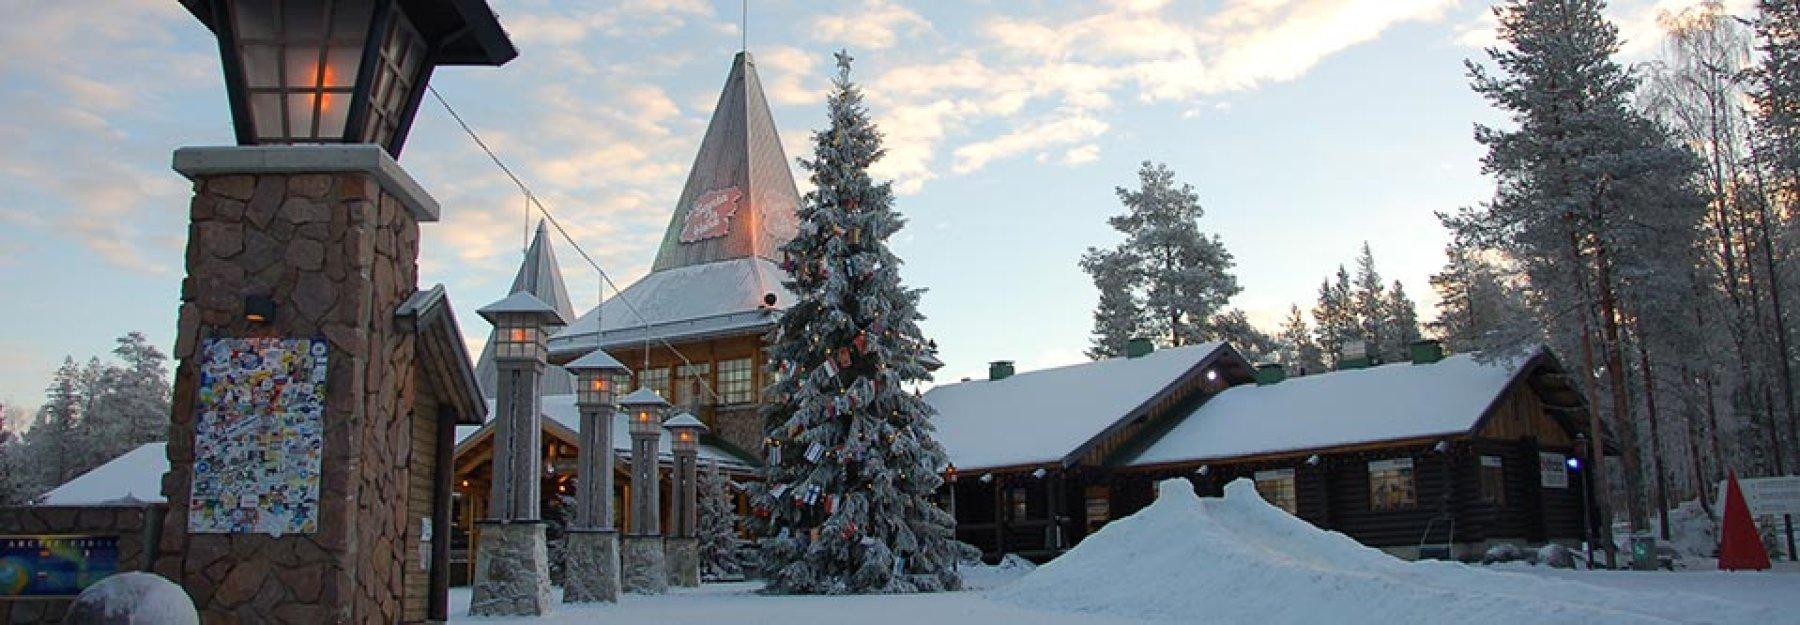 Rovaniemi Lapponia Babbo Natale.Il Villaggio Di Babbo Natale A Rovaniemi Lapponia Finlandese